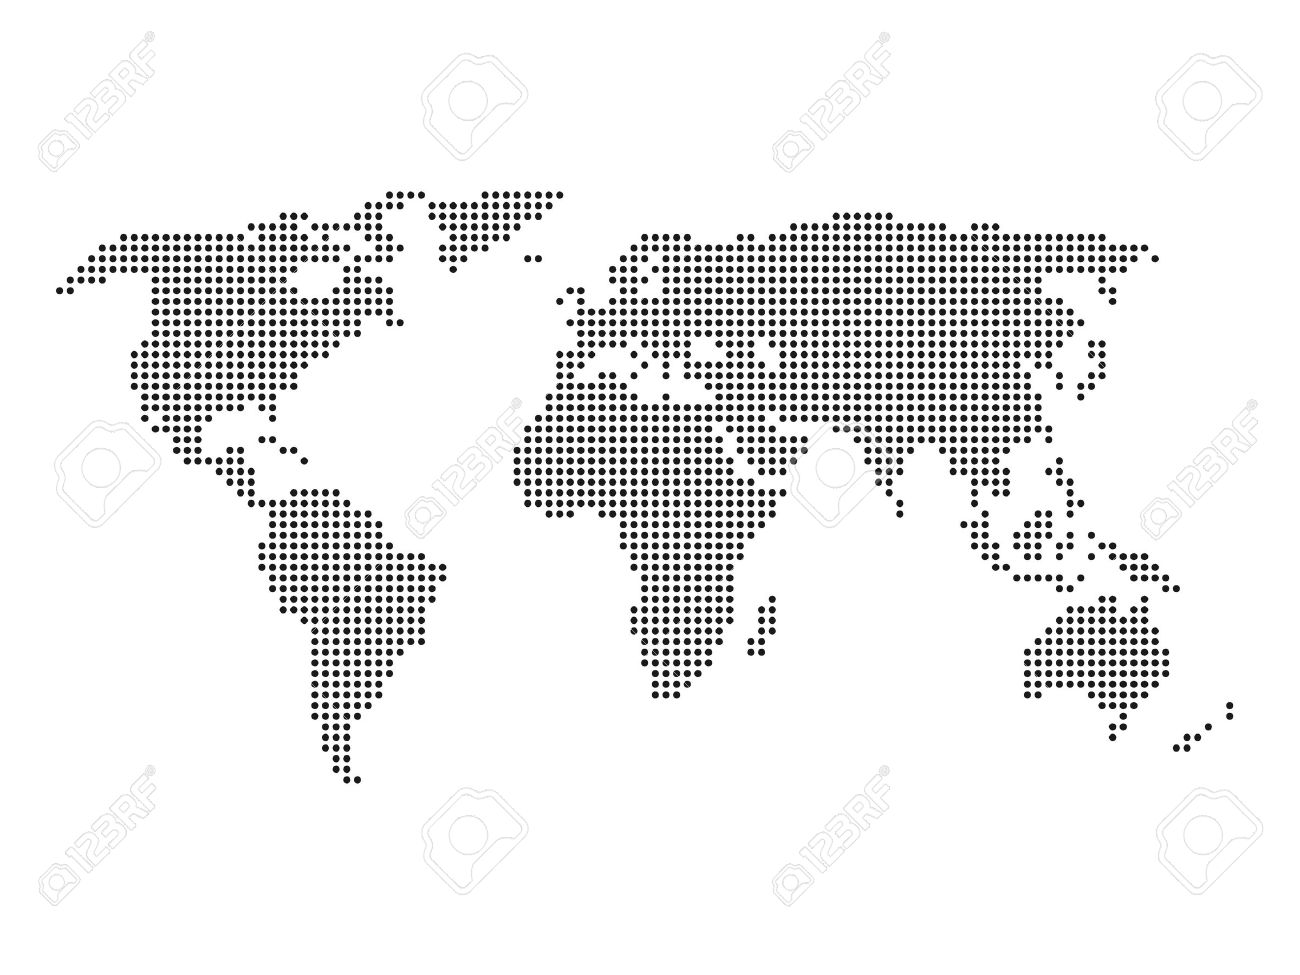 Vettoriale Mappa Del Mondo Tratteggiata Mappa Nero Su Sfondo